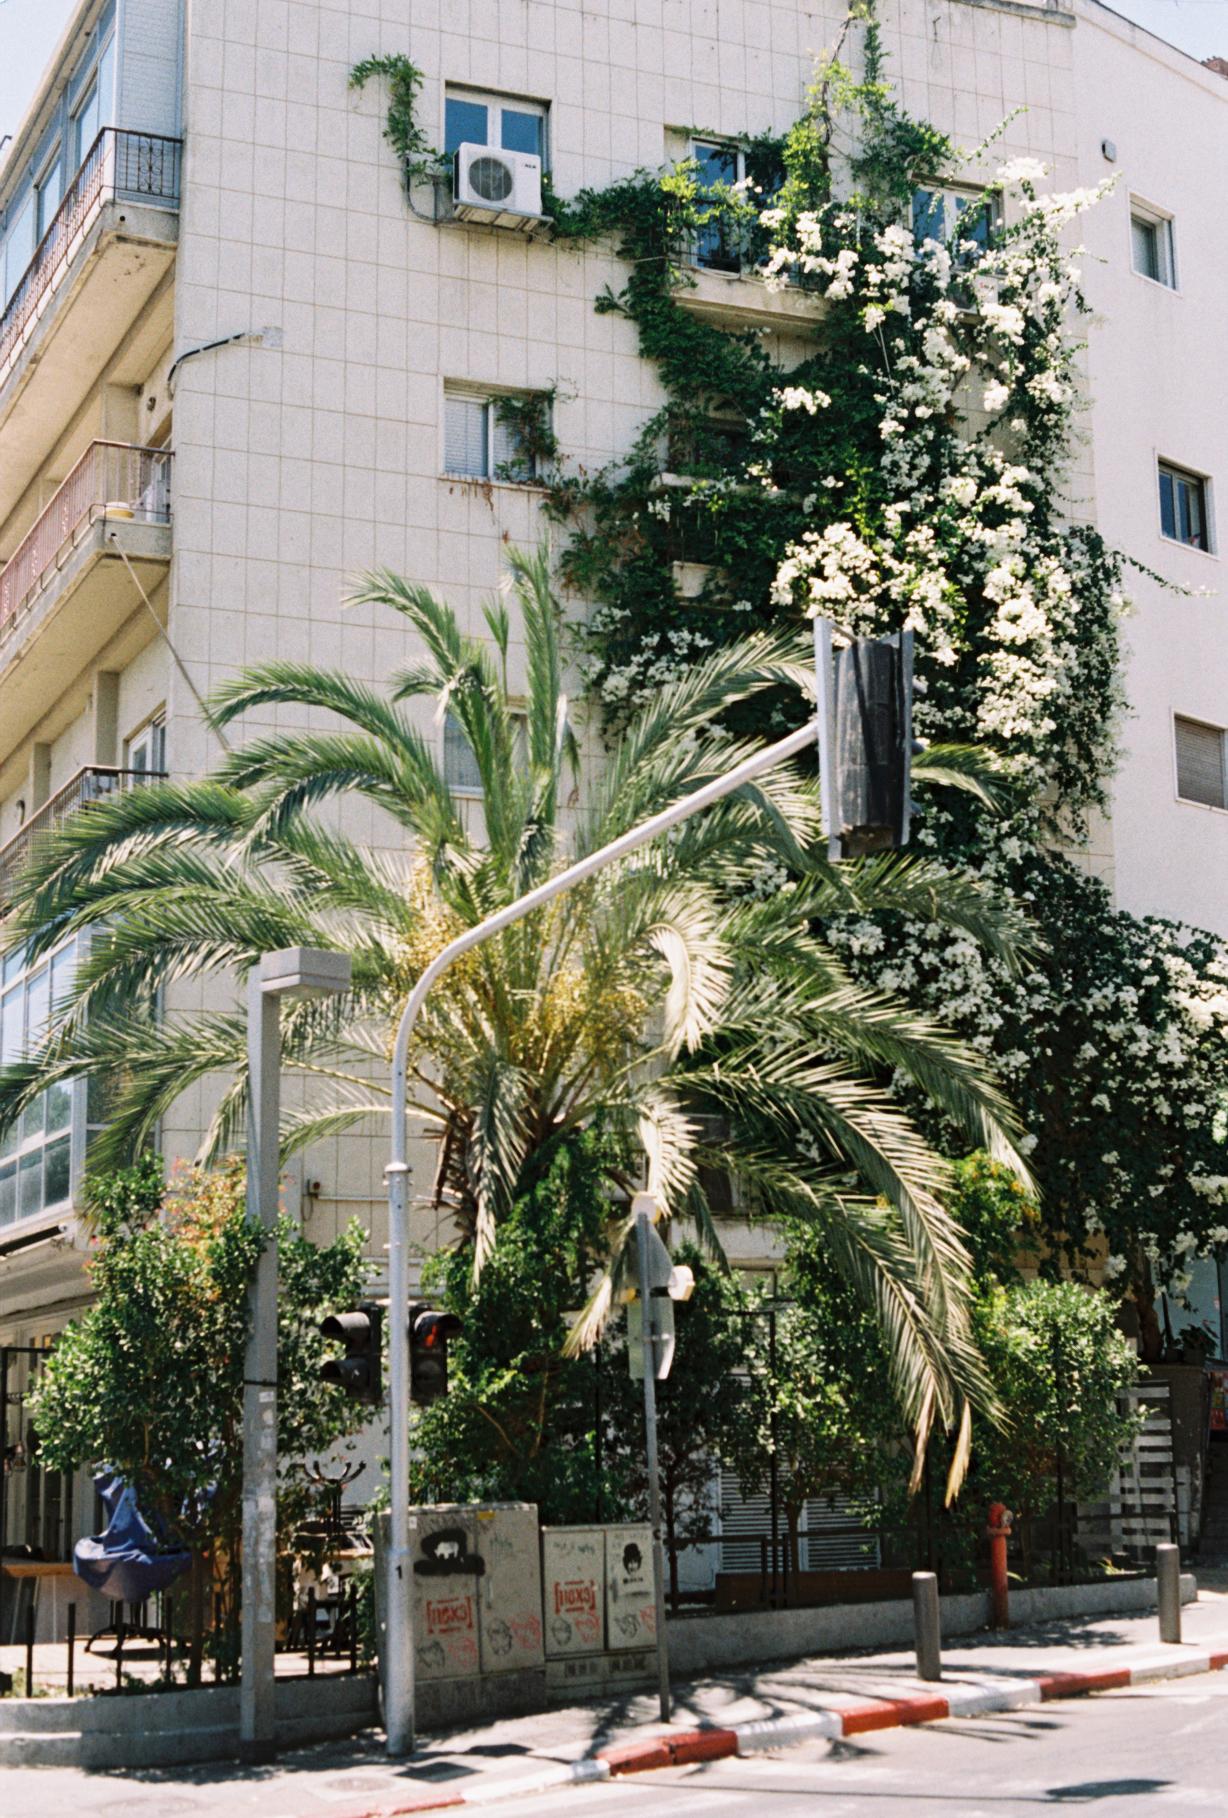 Israel-Jul16-0012.JPG